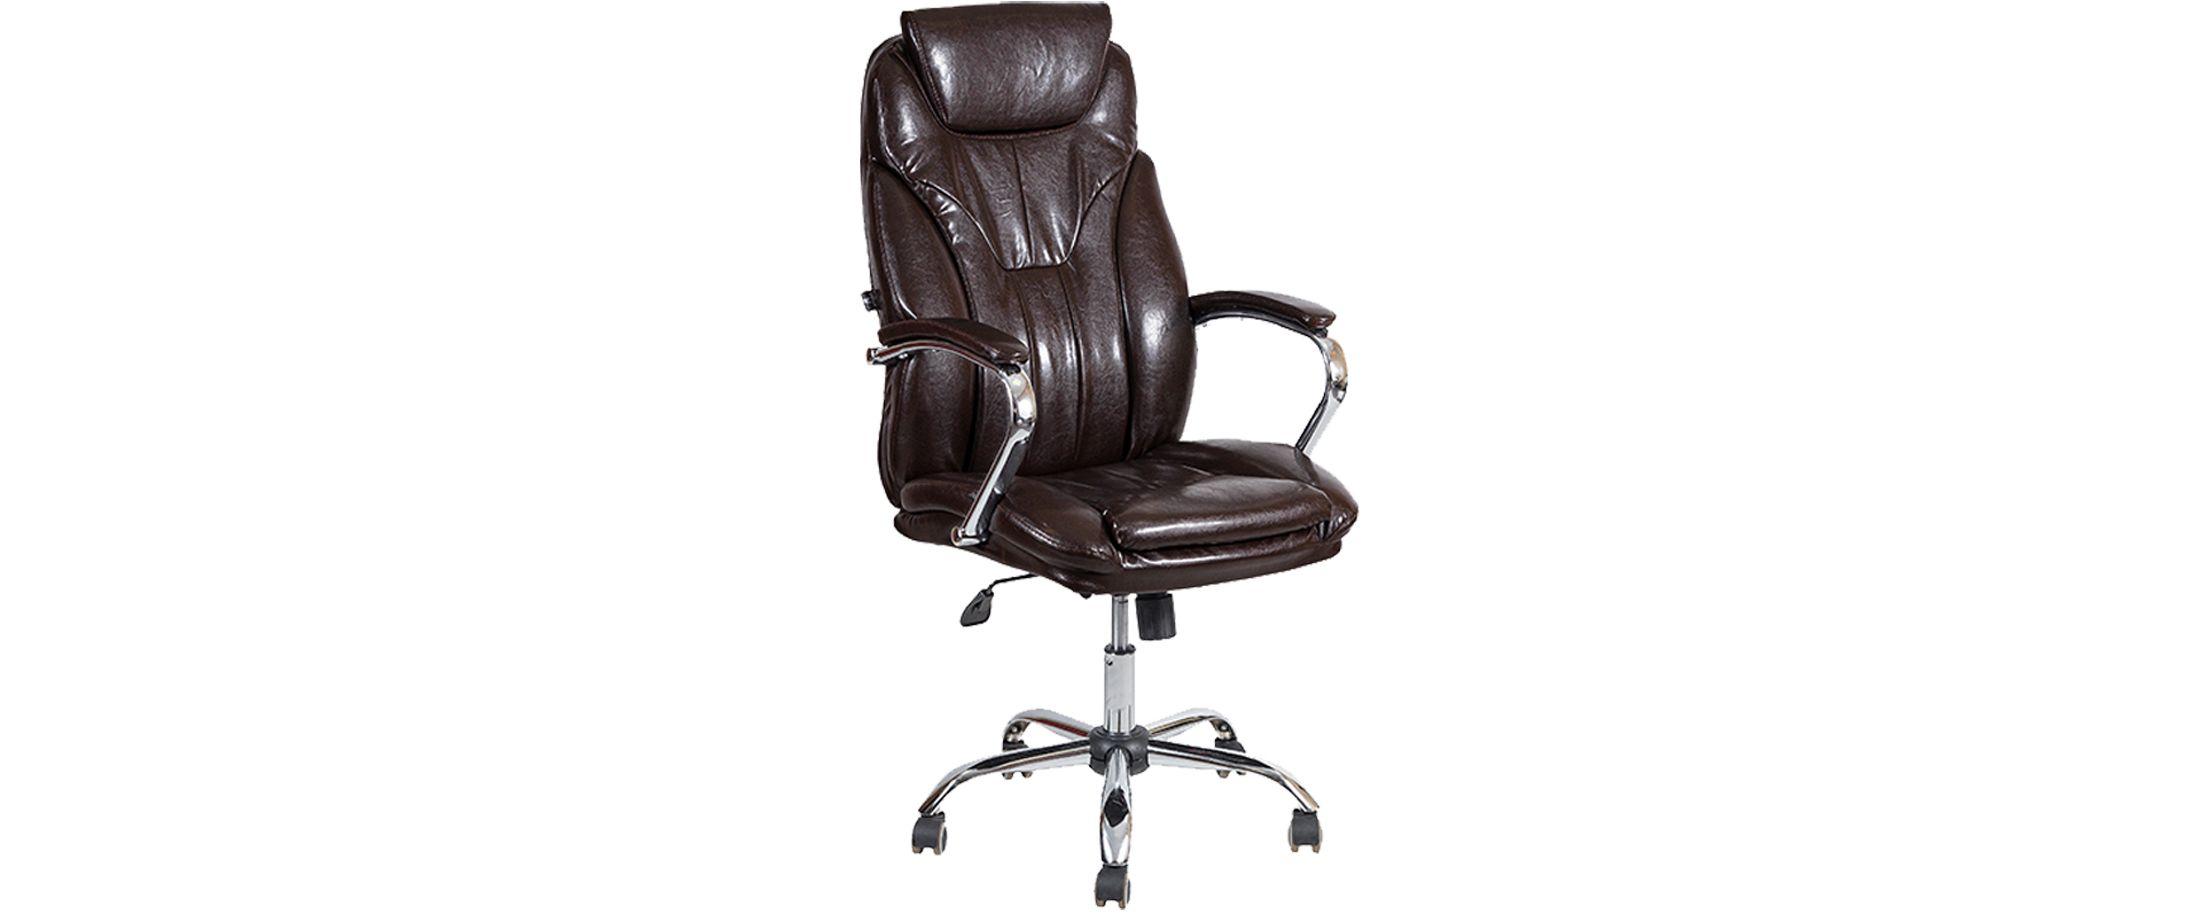 Кресло офисное AV 117 из экокожи цвет шоколад Модель 999 от MOON TRADE